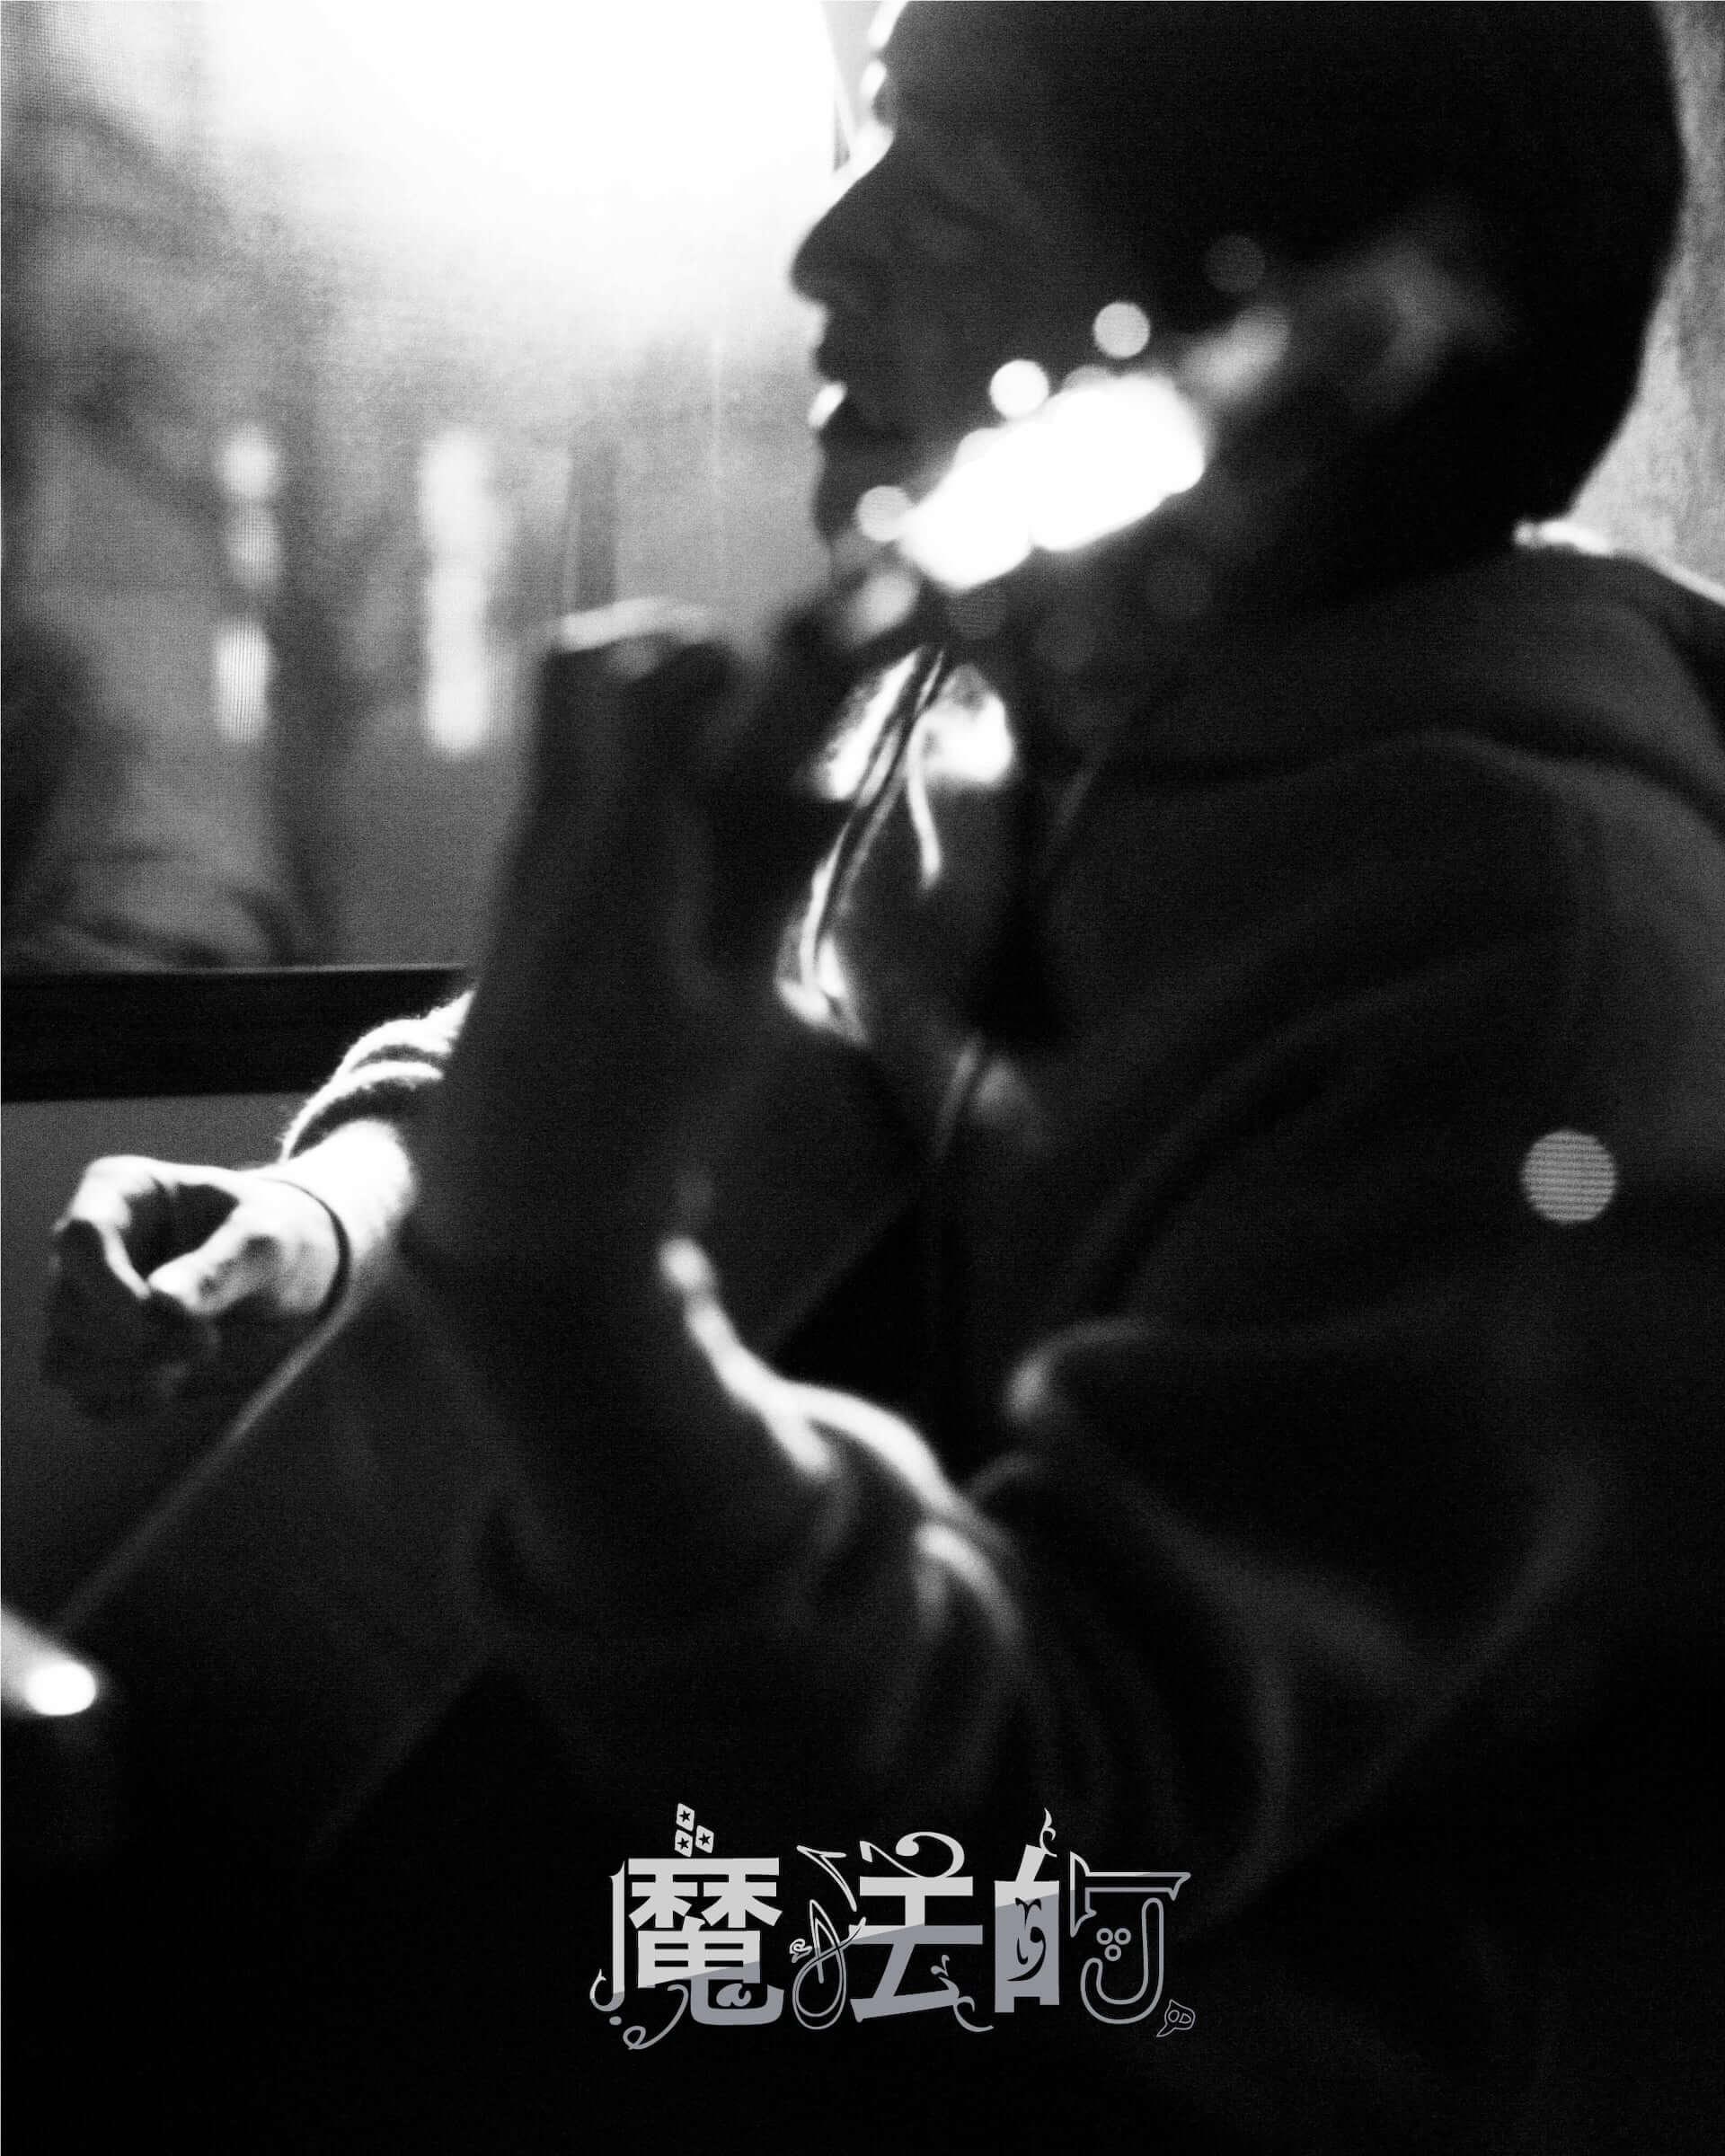 小沢健二が武道館など巡るアリーナツアー<aルbイmイseルf 魔法的ひとりArena>を開催決定!代表曲の最新アレンジや新曲も披露 music201209_ozawa-kenji_1-1920x2400